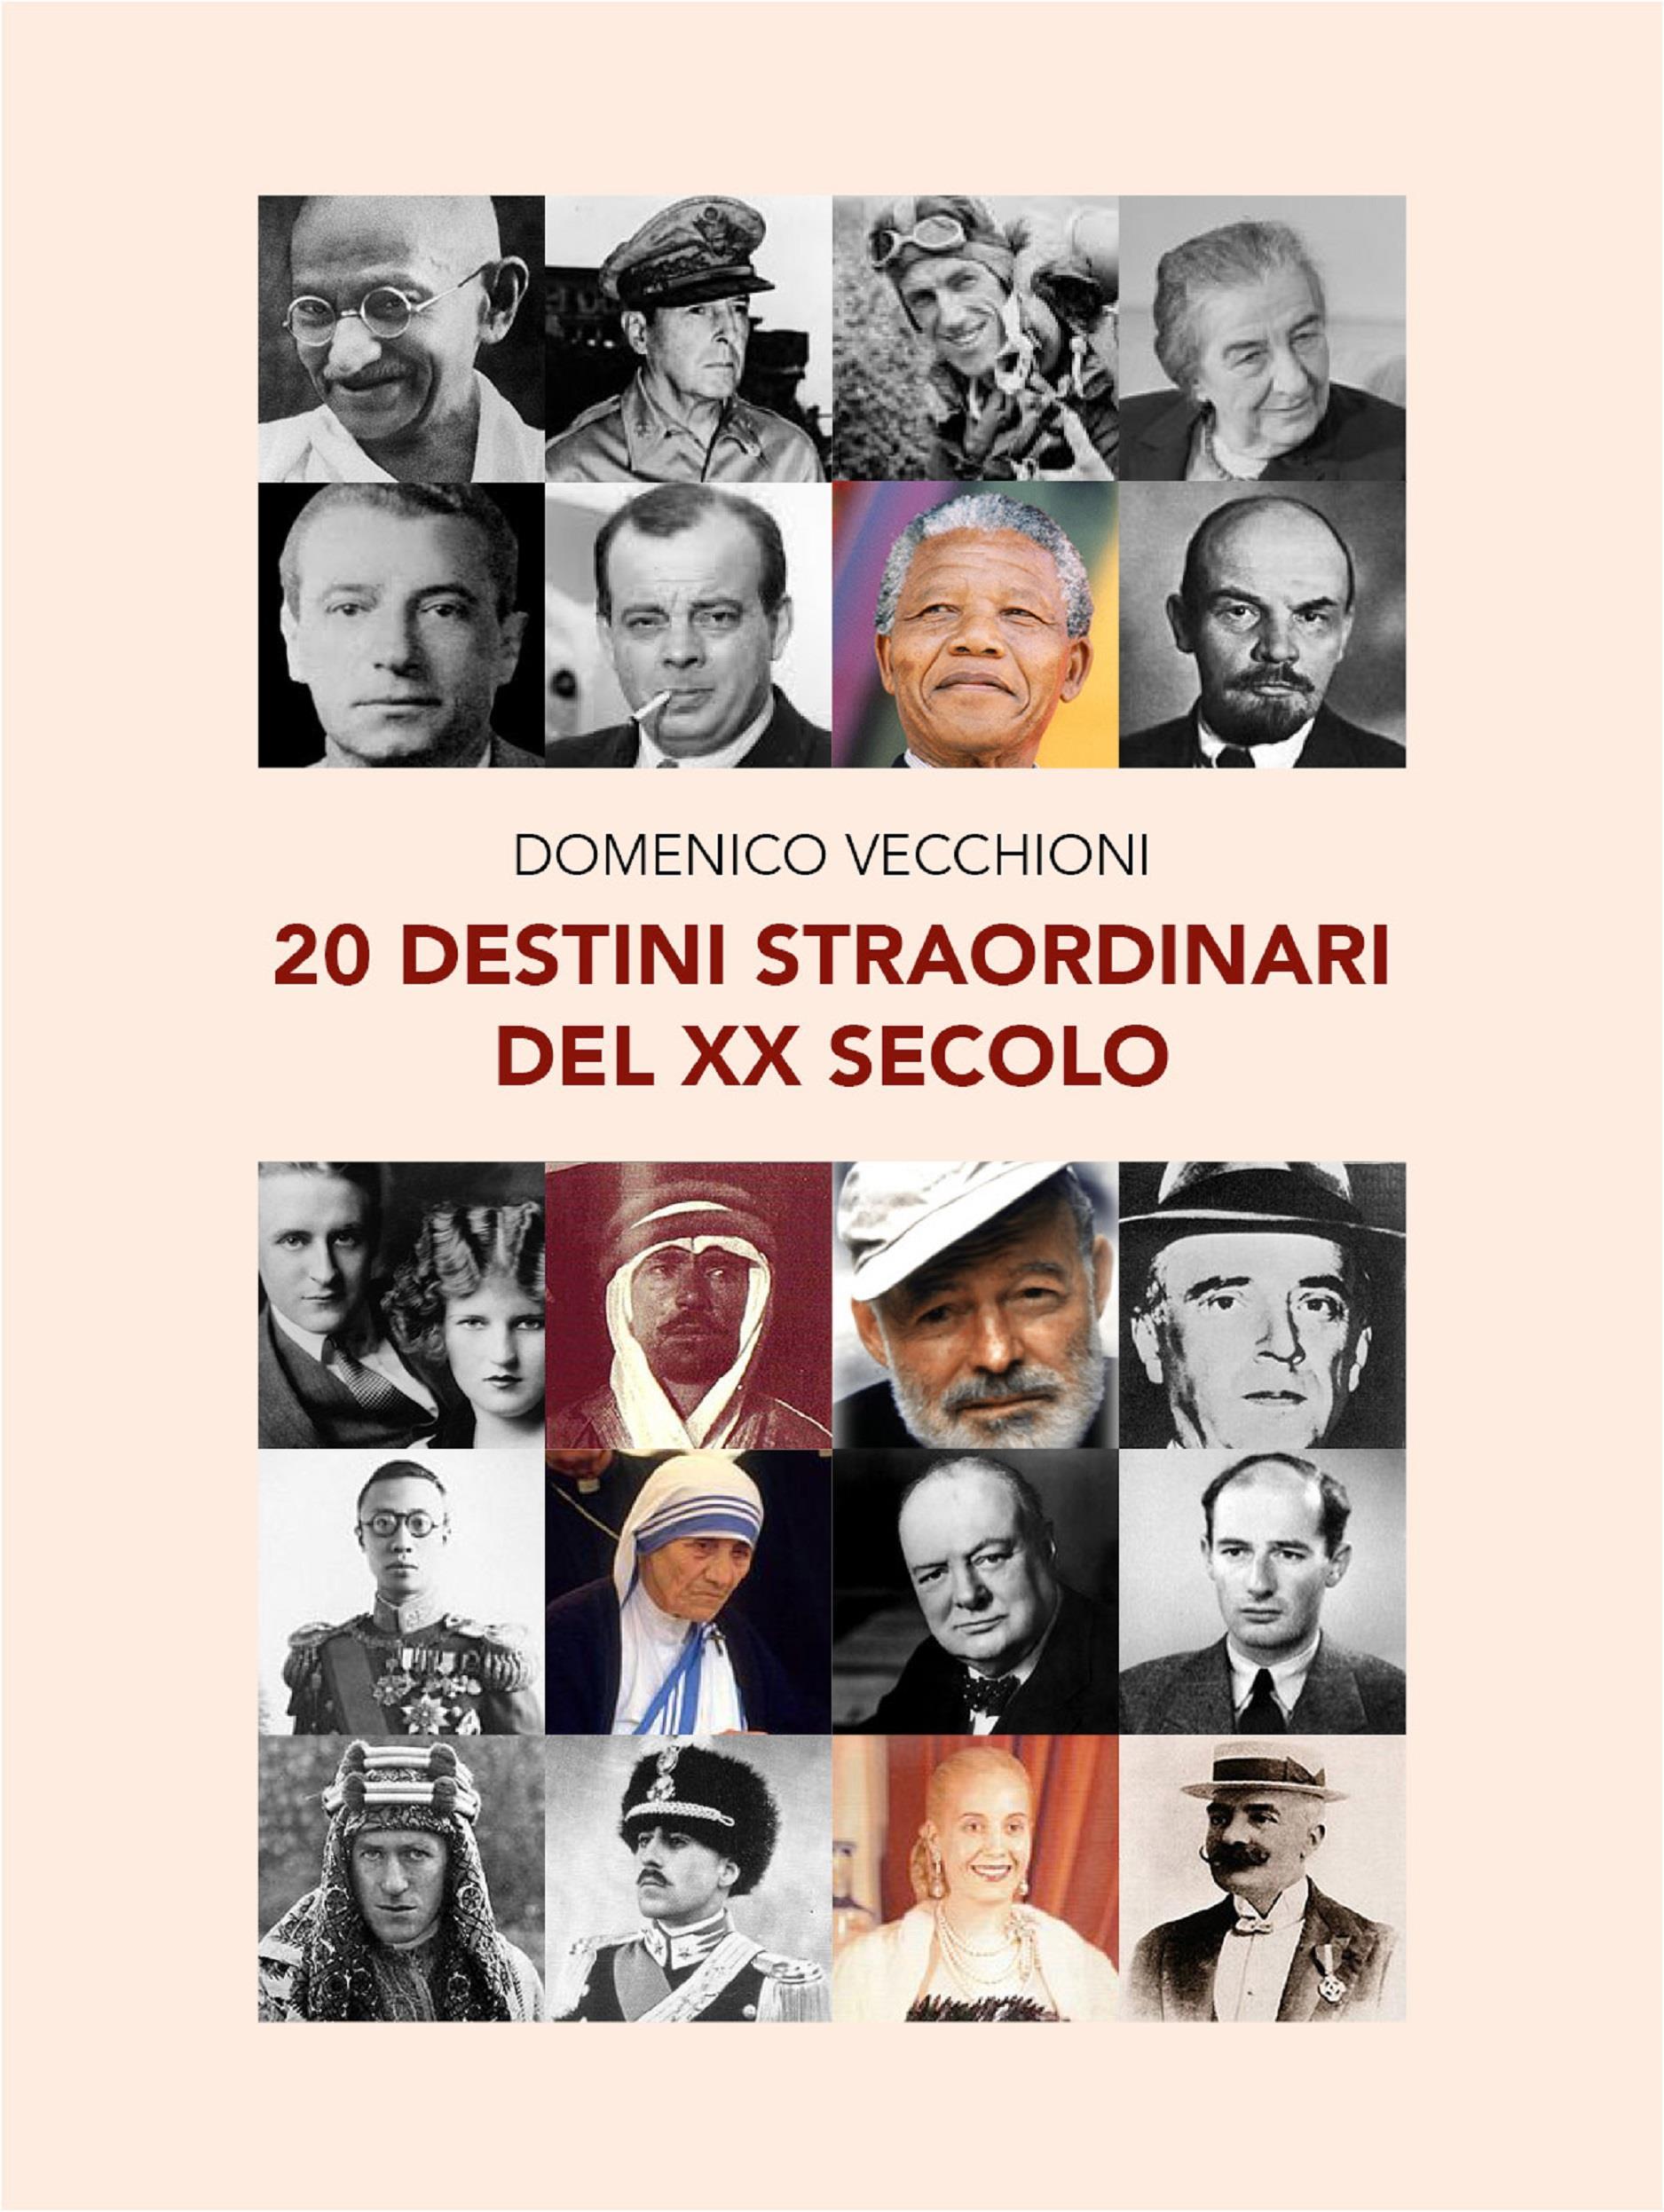 20 destini straordinari del XX secolo